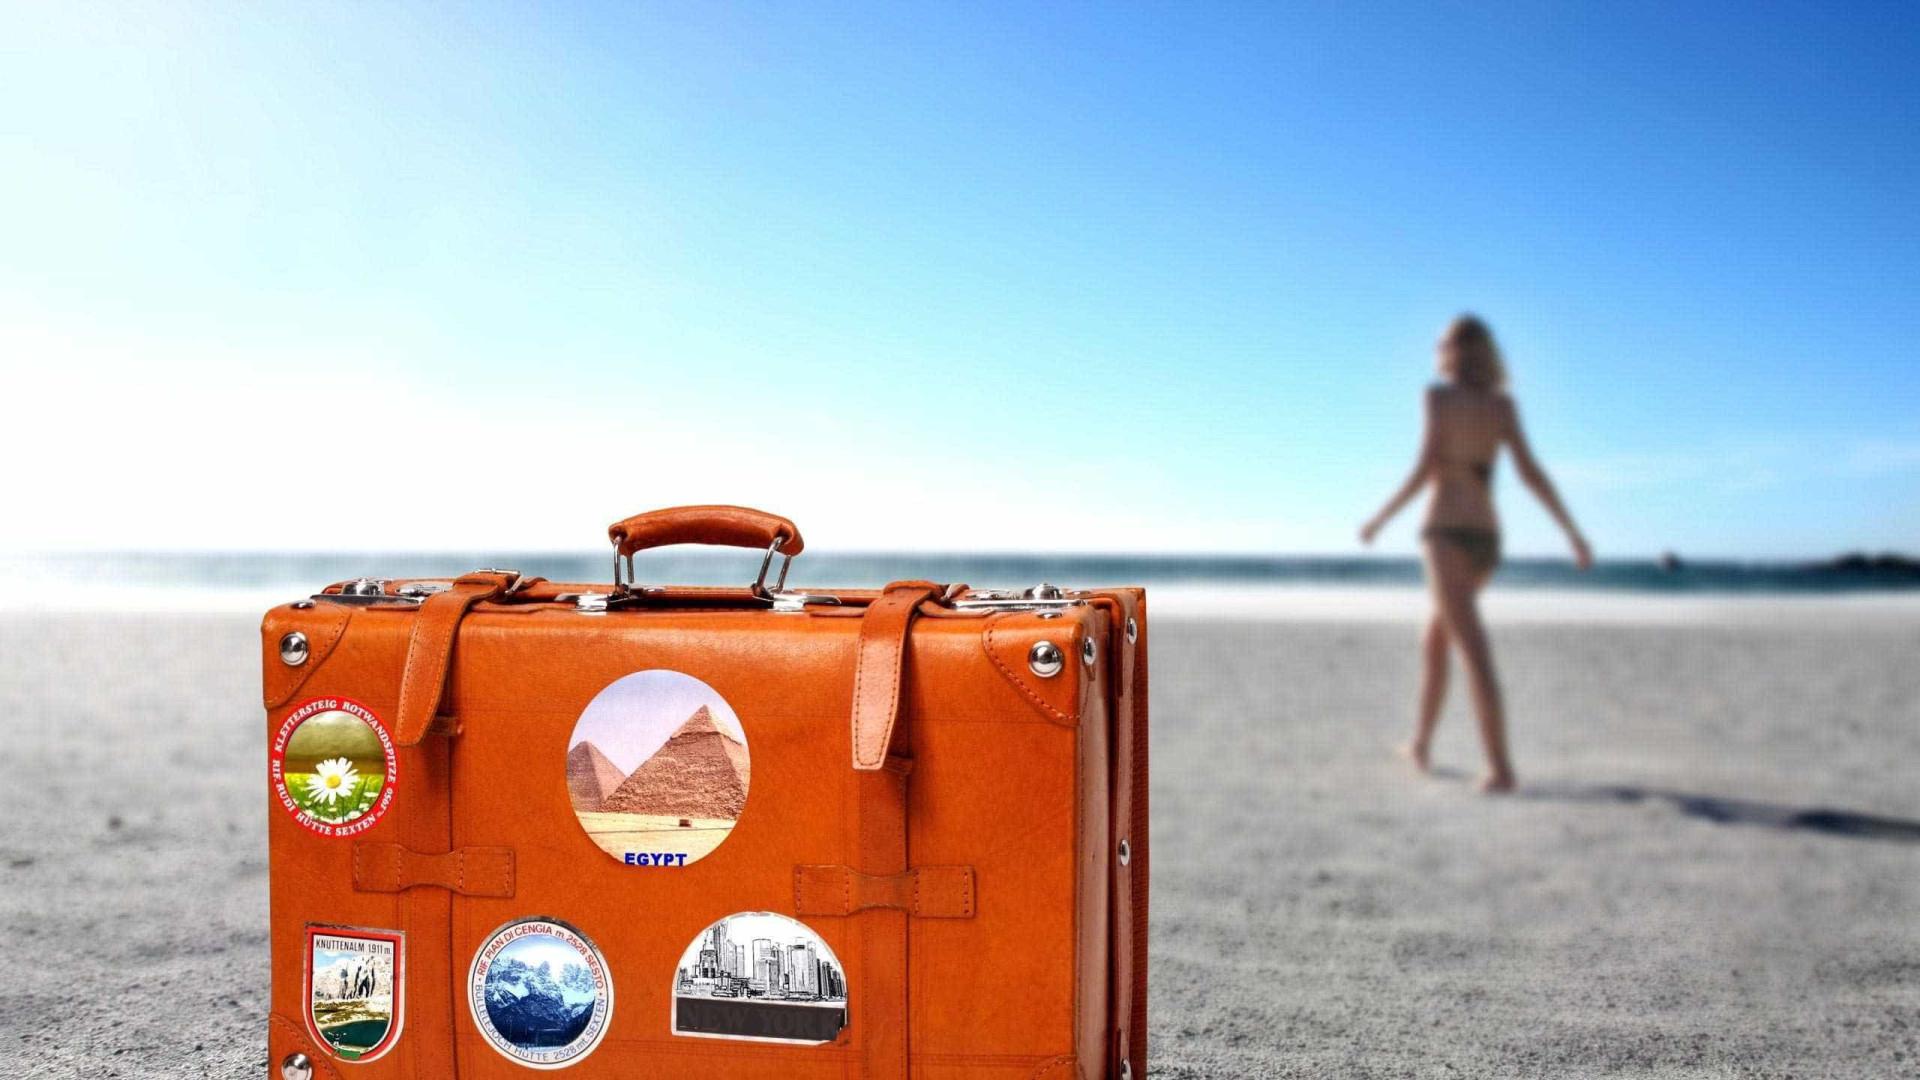 O que muda ao turista com as novas regras do seguro-viagem?